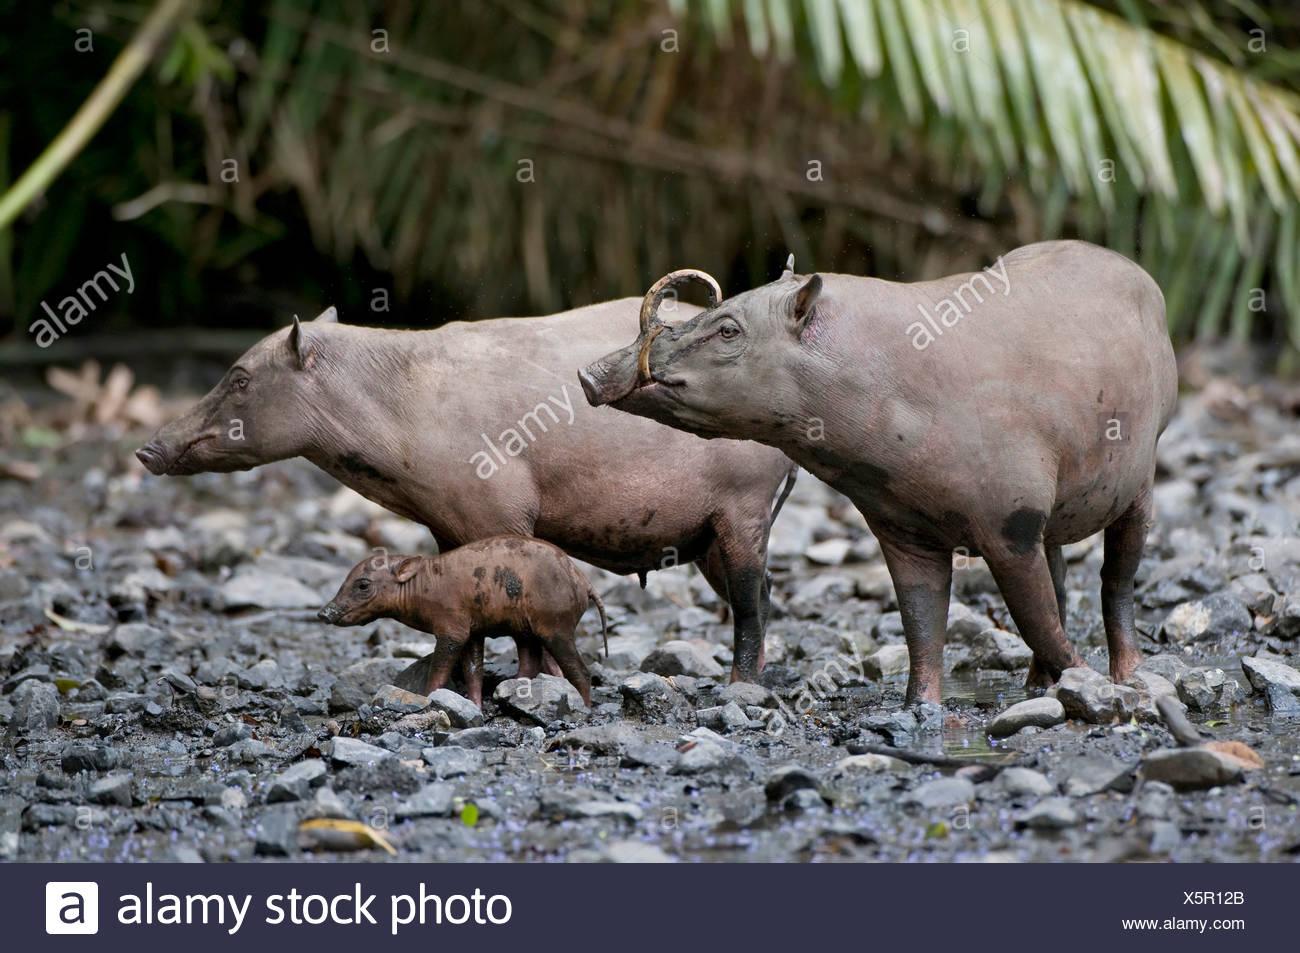 babirusa (Babyrousa babyrussa celebensis, Babyrousa celebensis), male and female, Indonesia, Sulawesi - Stock Image